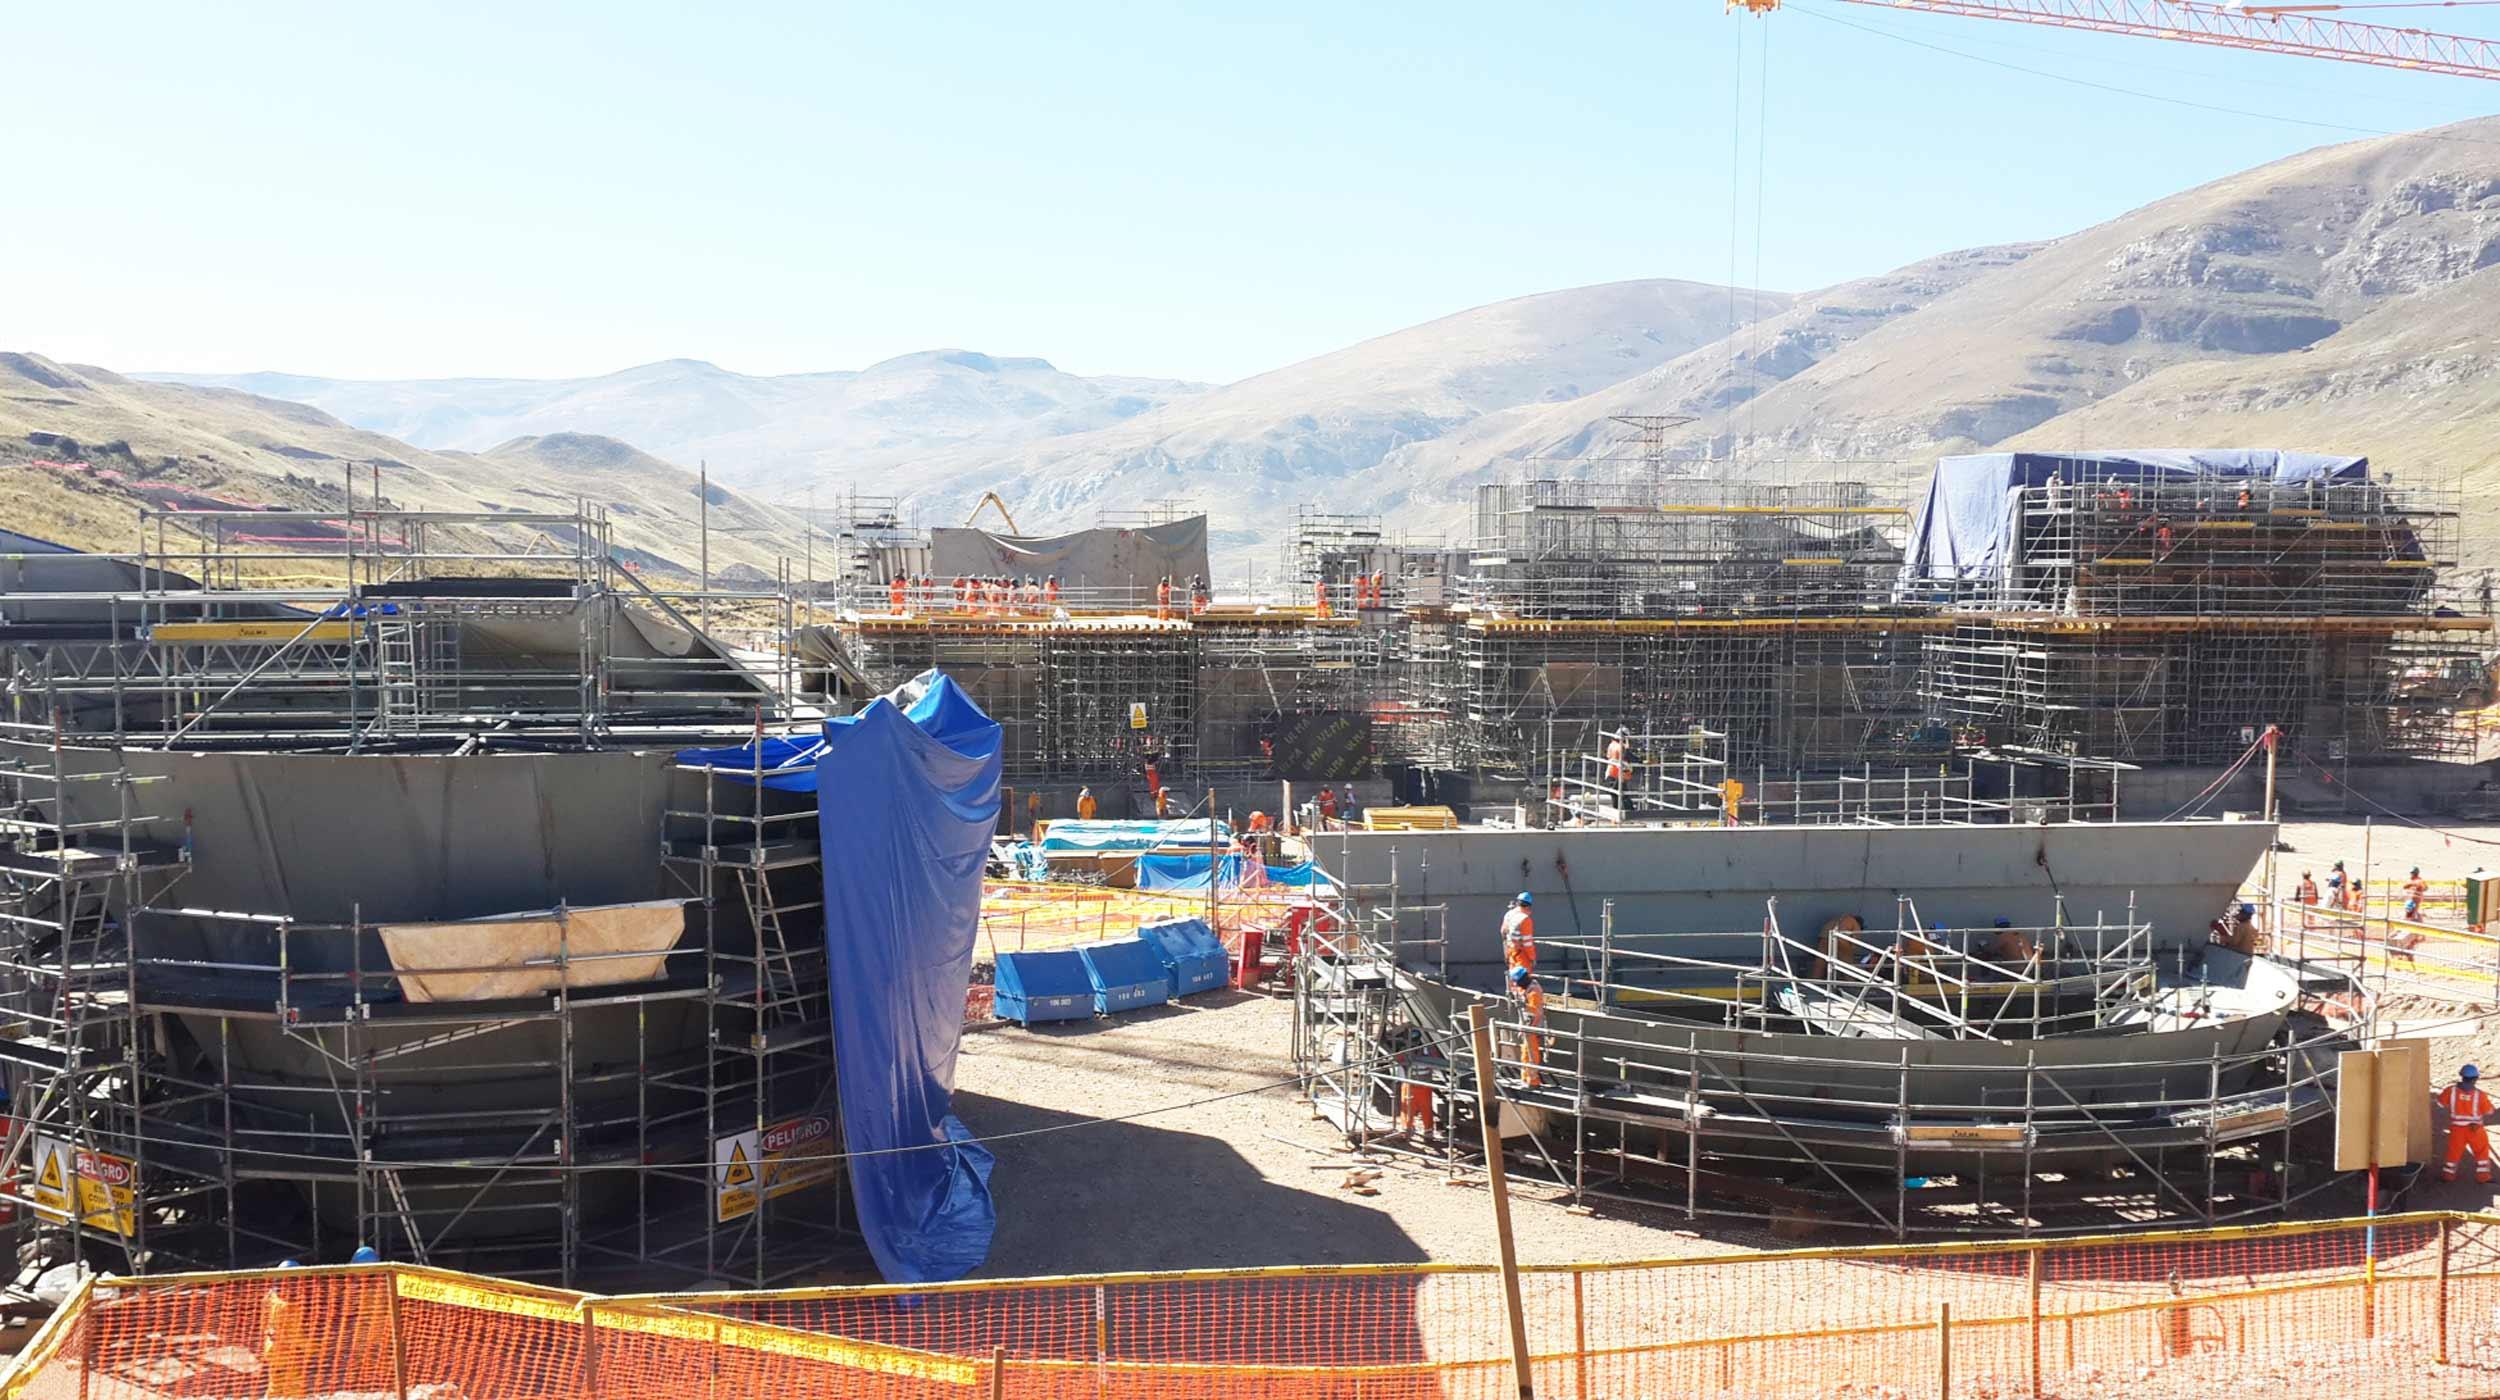 El proyecto Planta de Cal de Pachachaca dotará de 960 toneladas diarias de cal viva a la planta concentradora Toromocho.